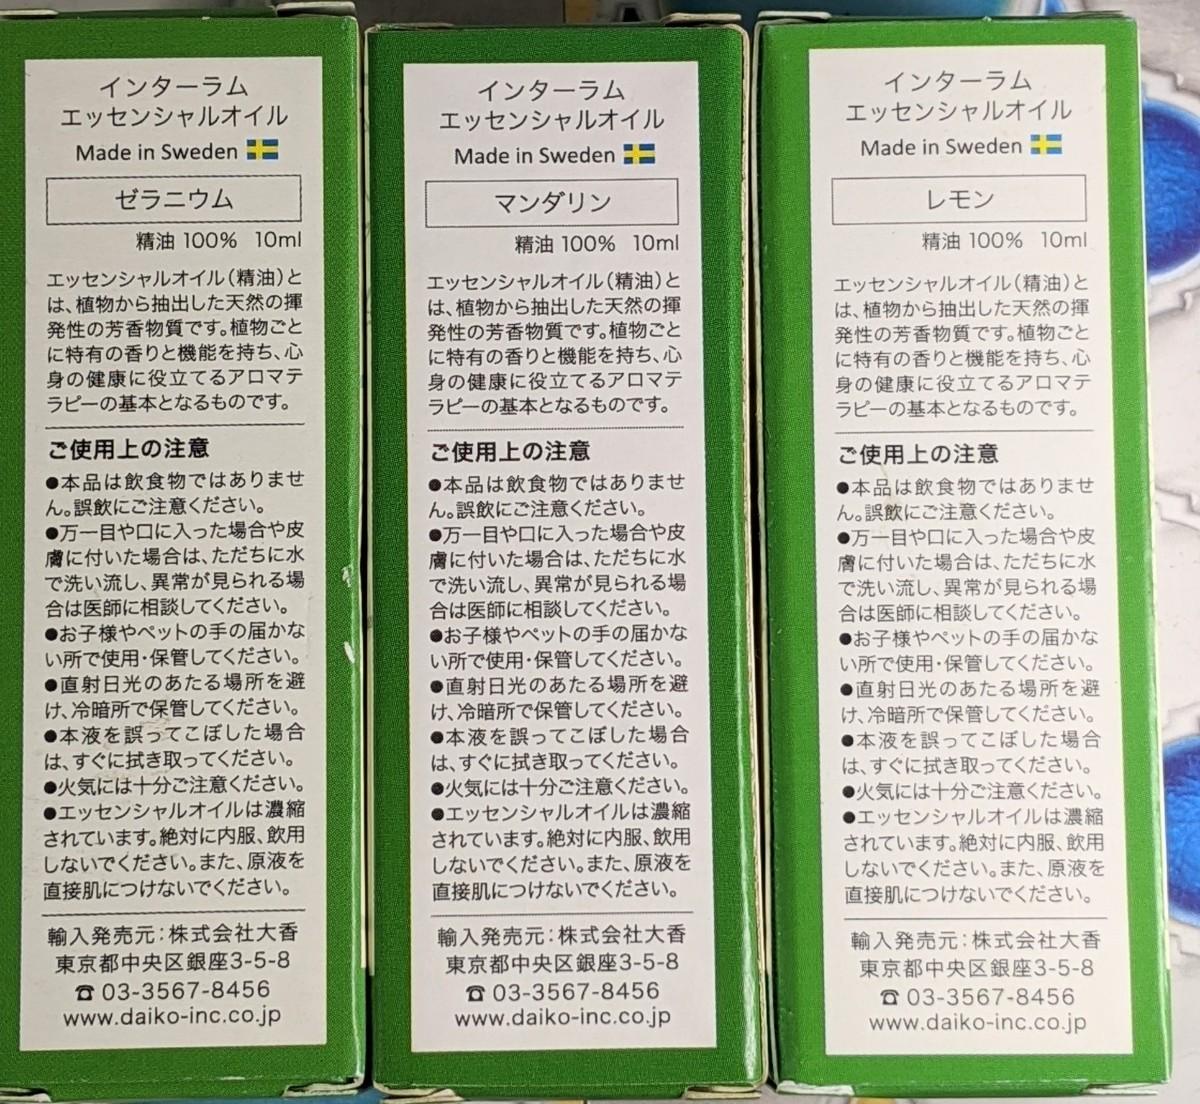 【ワケあり】インターラム エッセンシャルオイル 4本セット